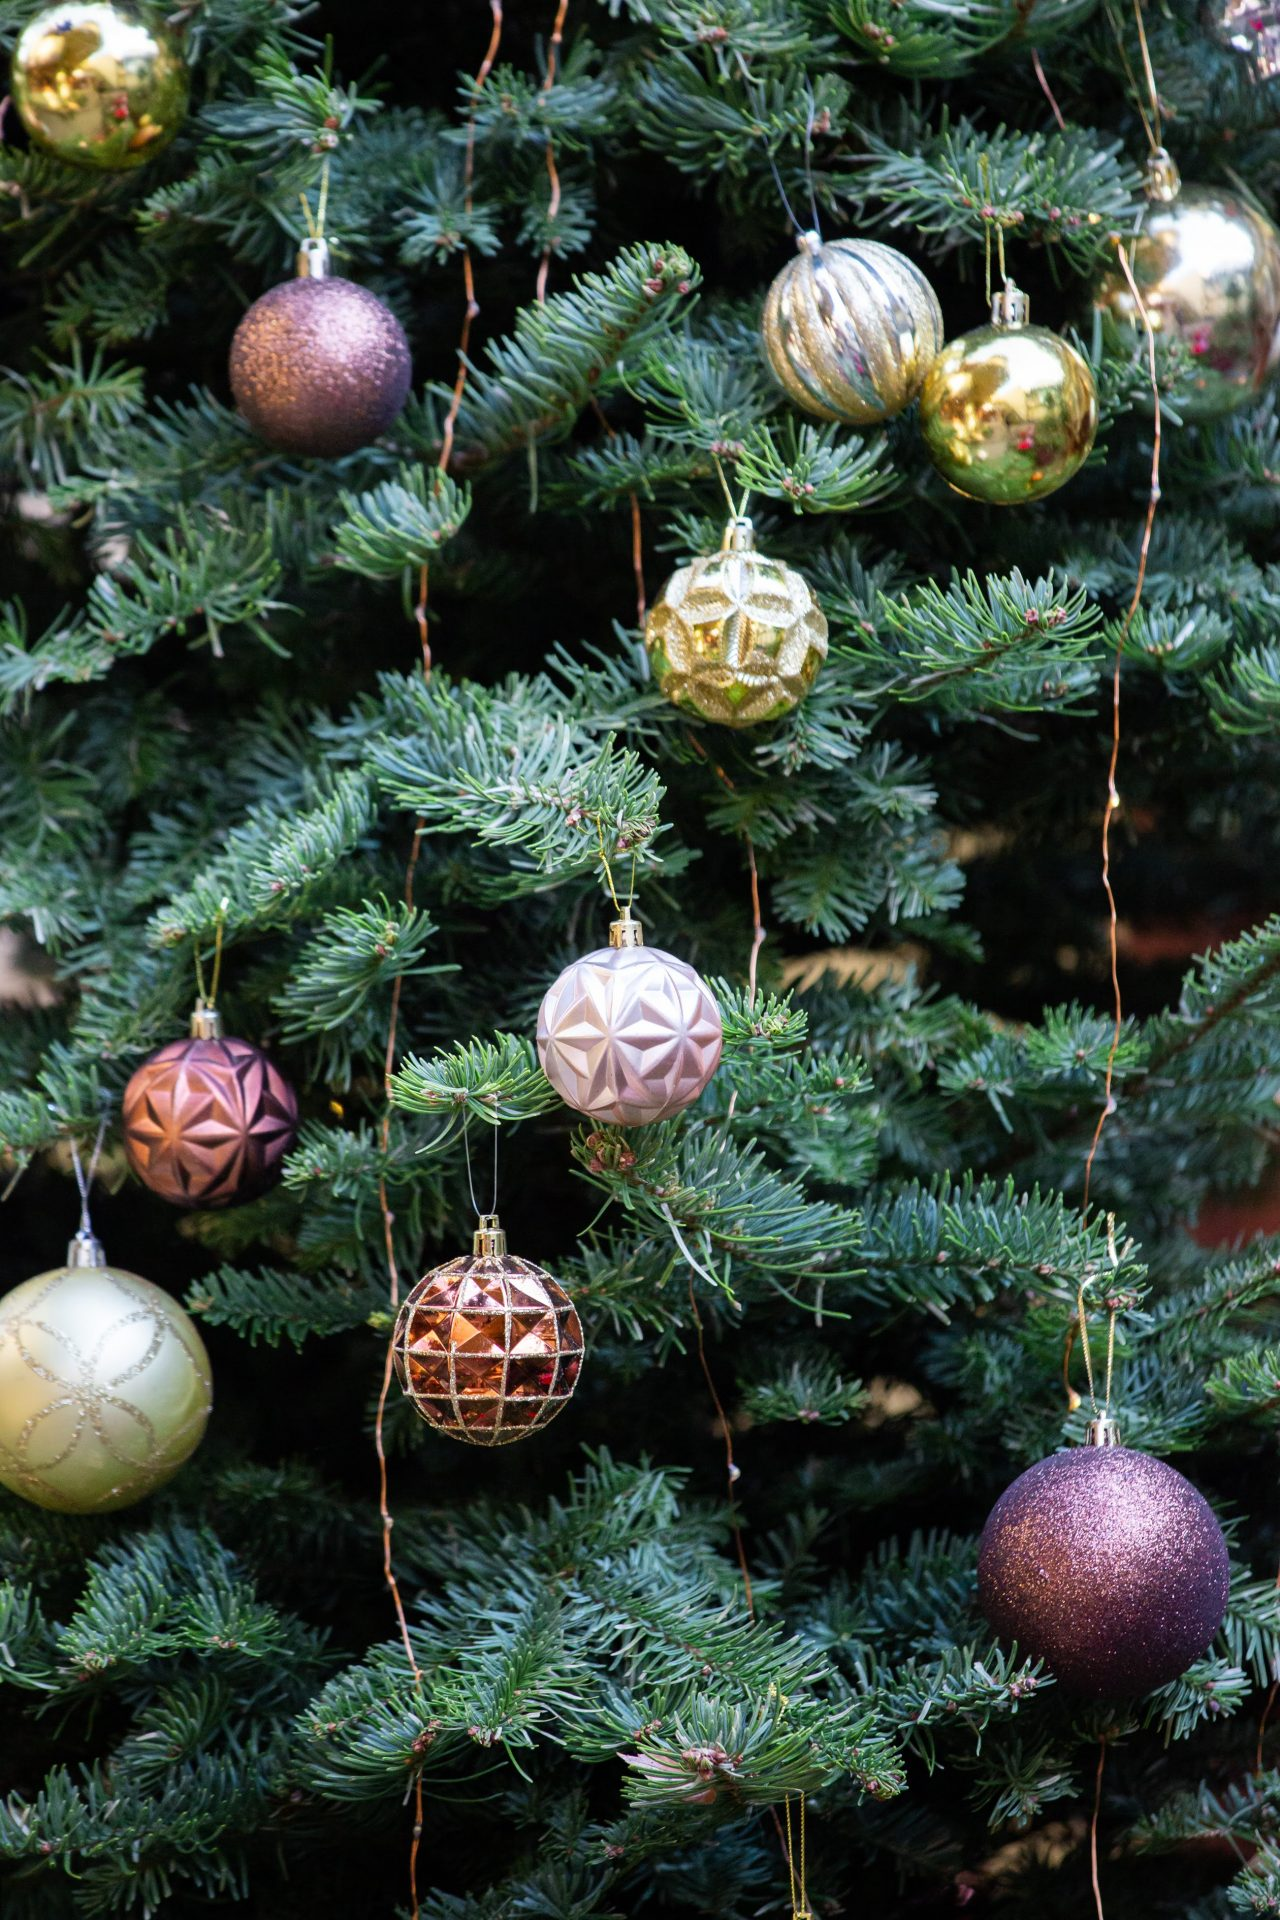 12月の冬のガーデンウェディングに合わせ、リストランテASOの会場の装飾もクリスマス使用になっております。